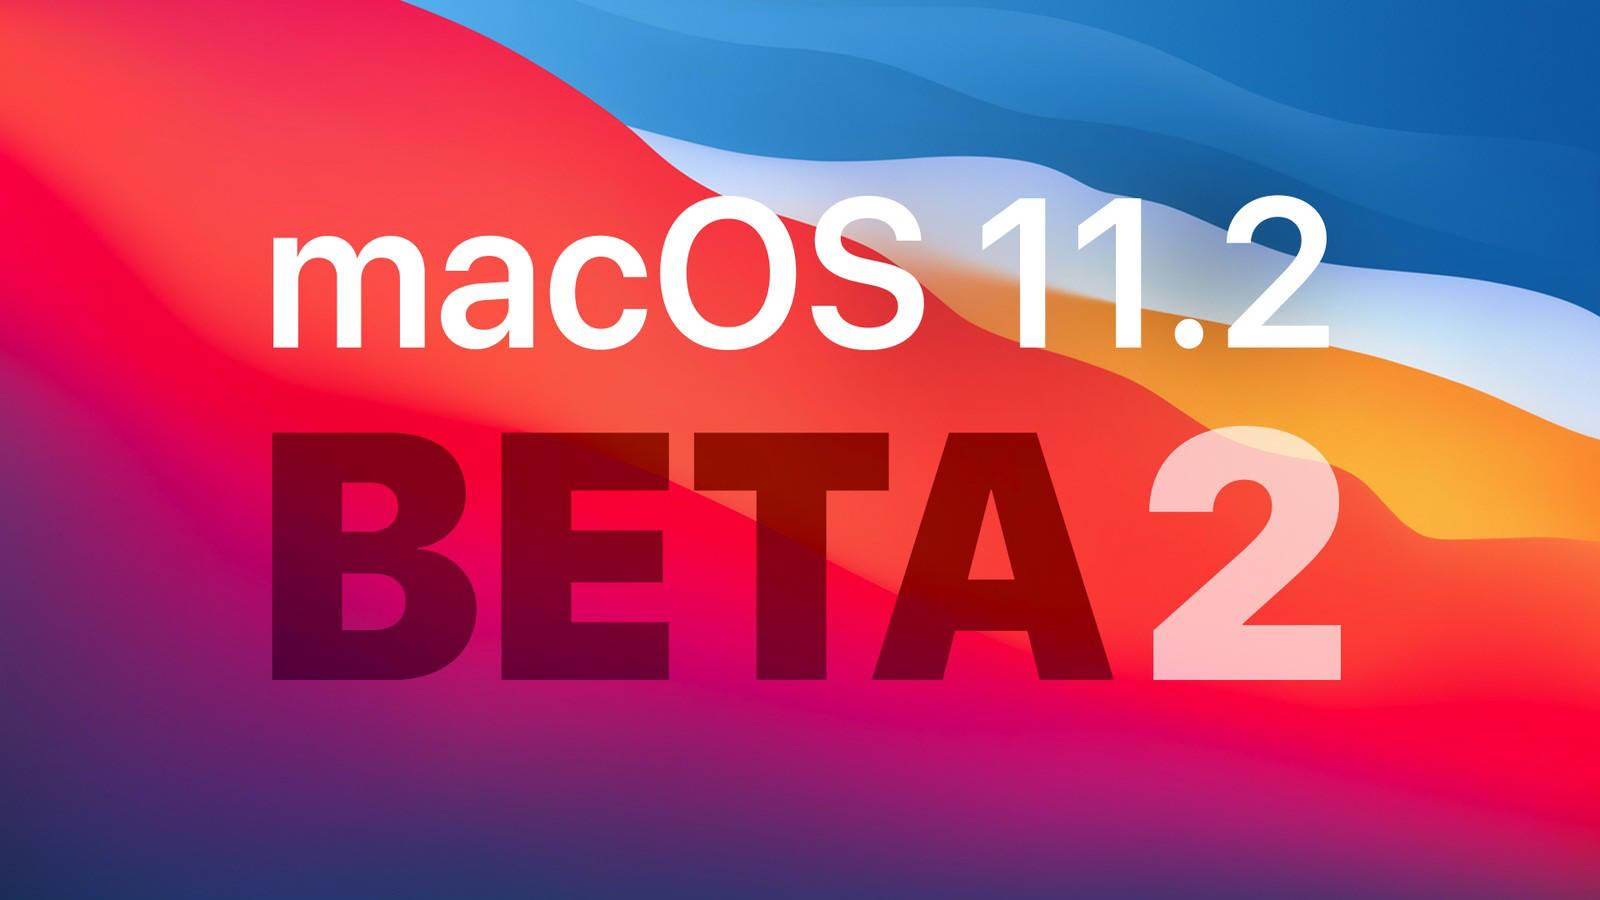 早高FENG: 苹果发布macOS 11.2 Beta 2/《赛博朋克2077》希望重新上架索尼平台